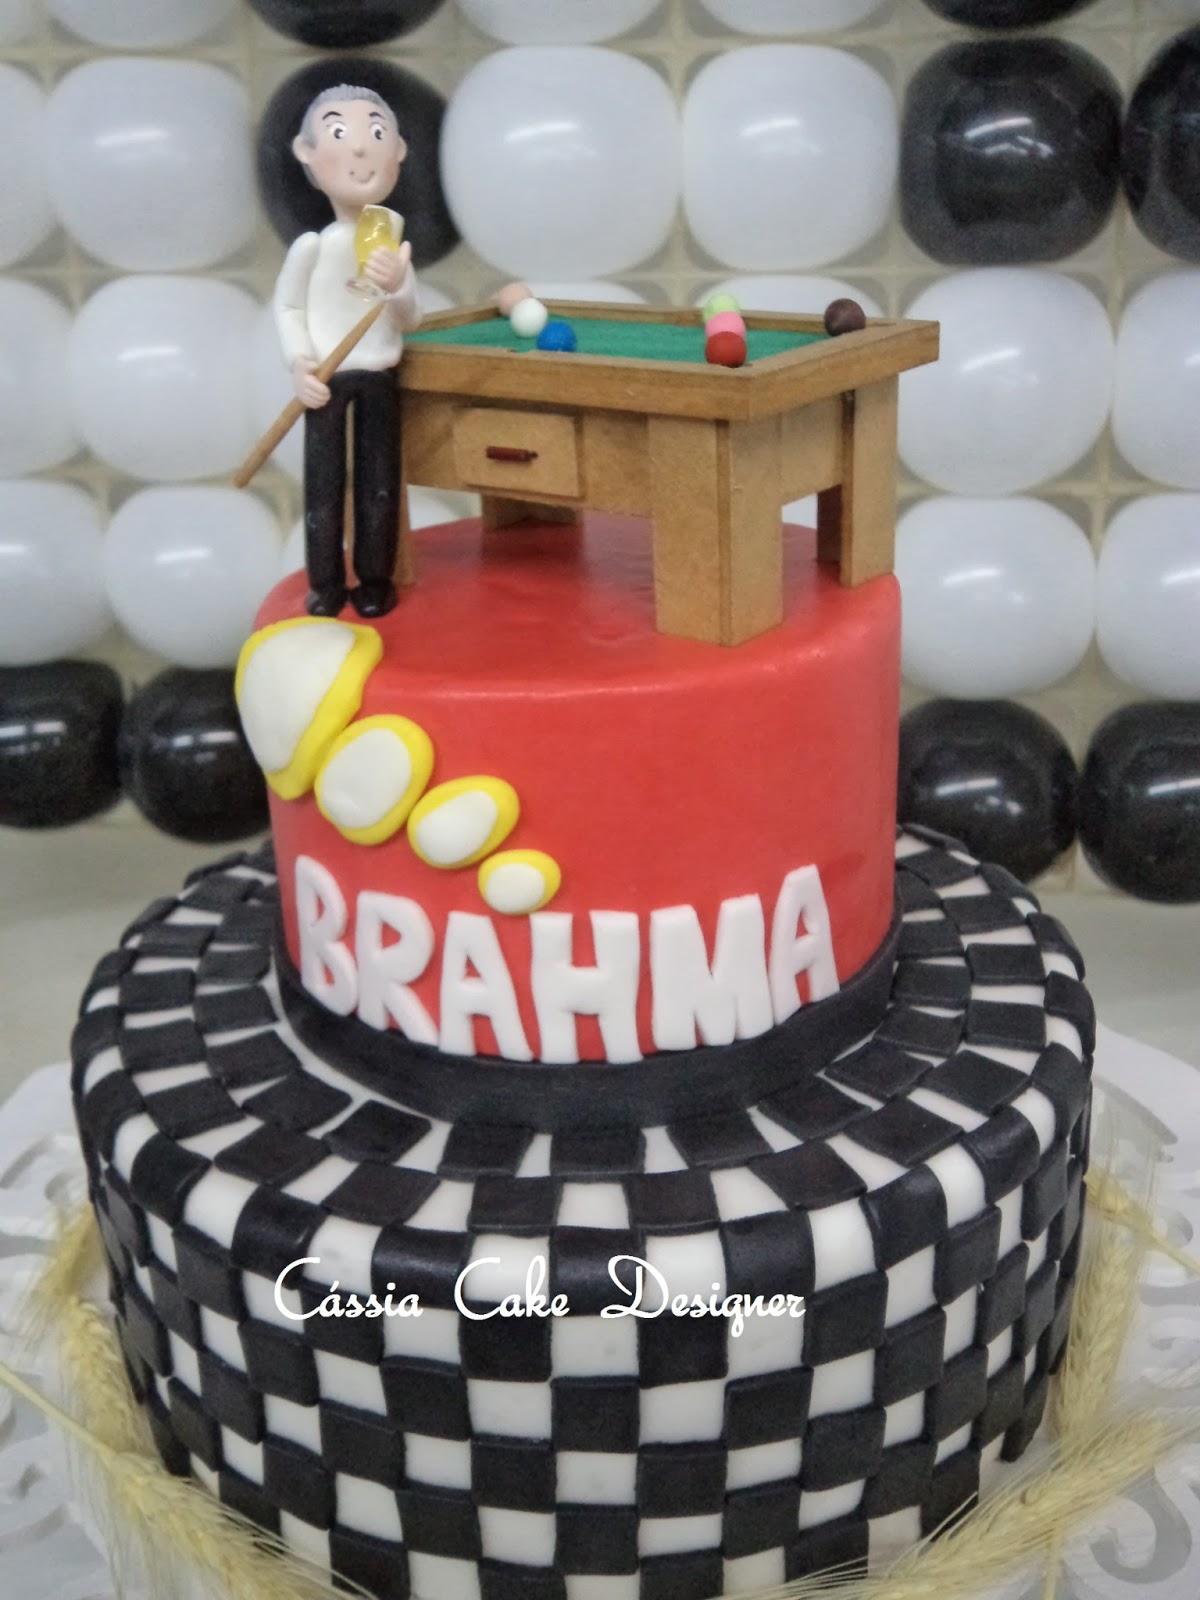 decoracao boteco brahma : decoracao boteco brahma:bolo da brahma boteco personalizados decoração salão estilo boteco